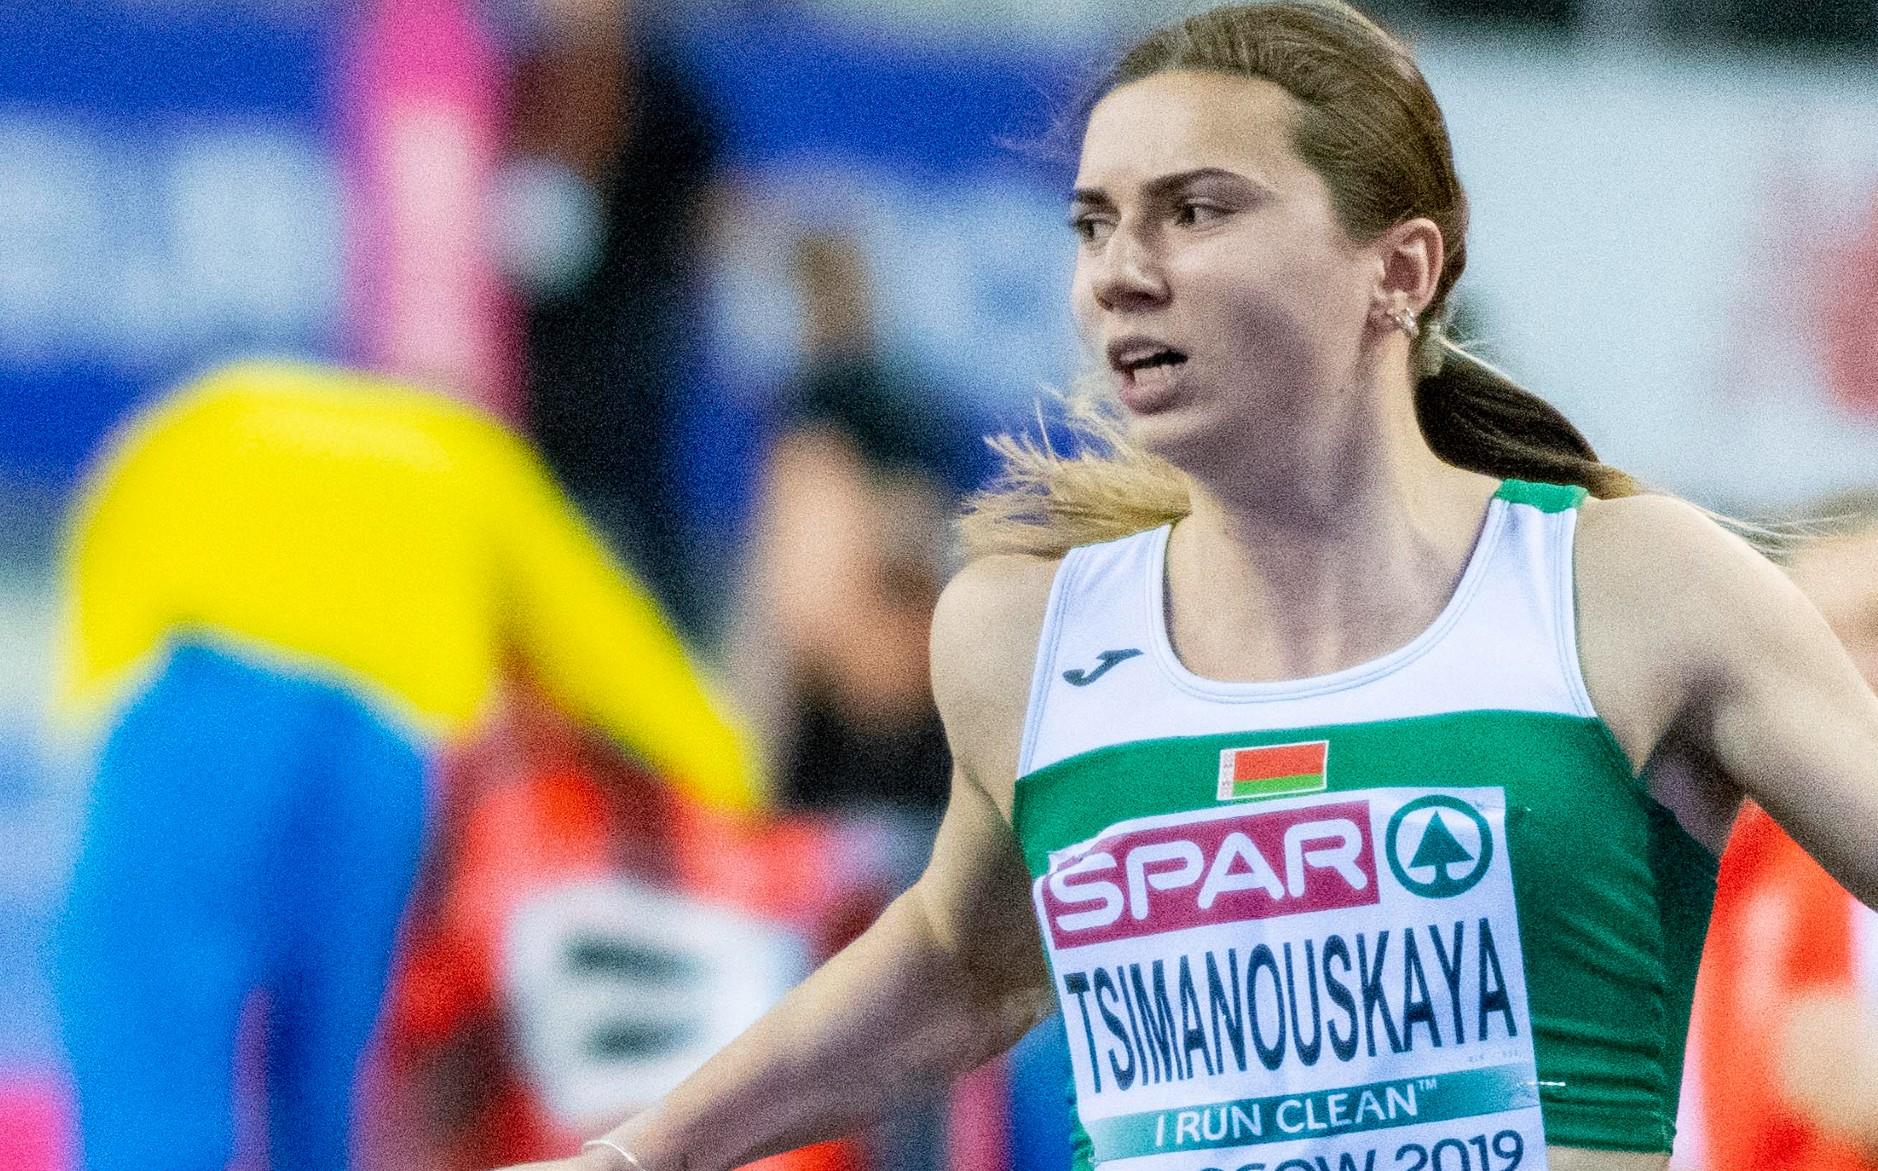 Akarata ellenére vittek a tokiói reptérre egy belarusz olimpikont, aki az edzőire panaszkodott